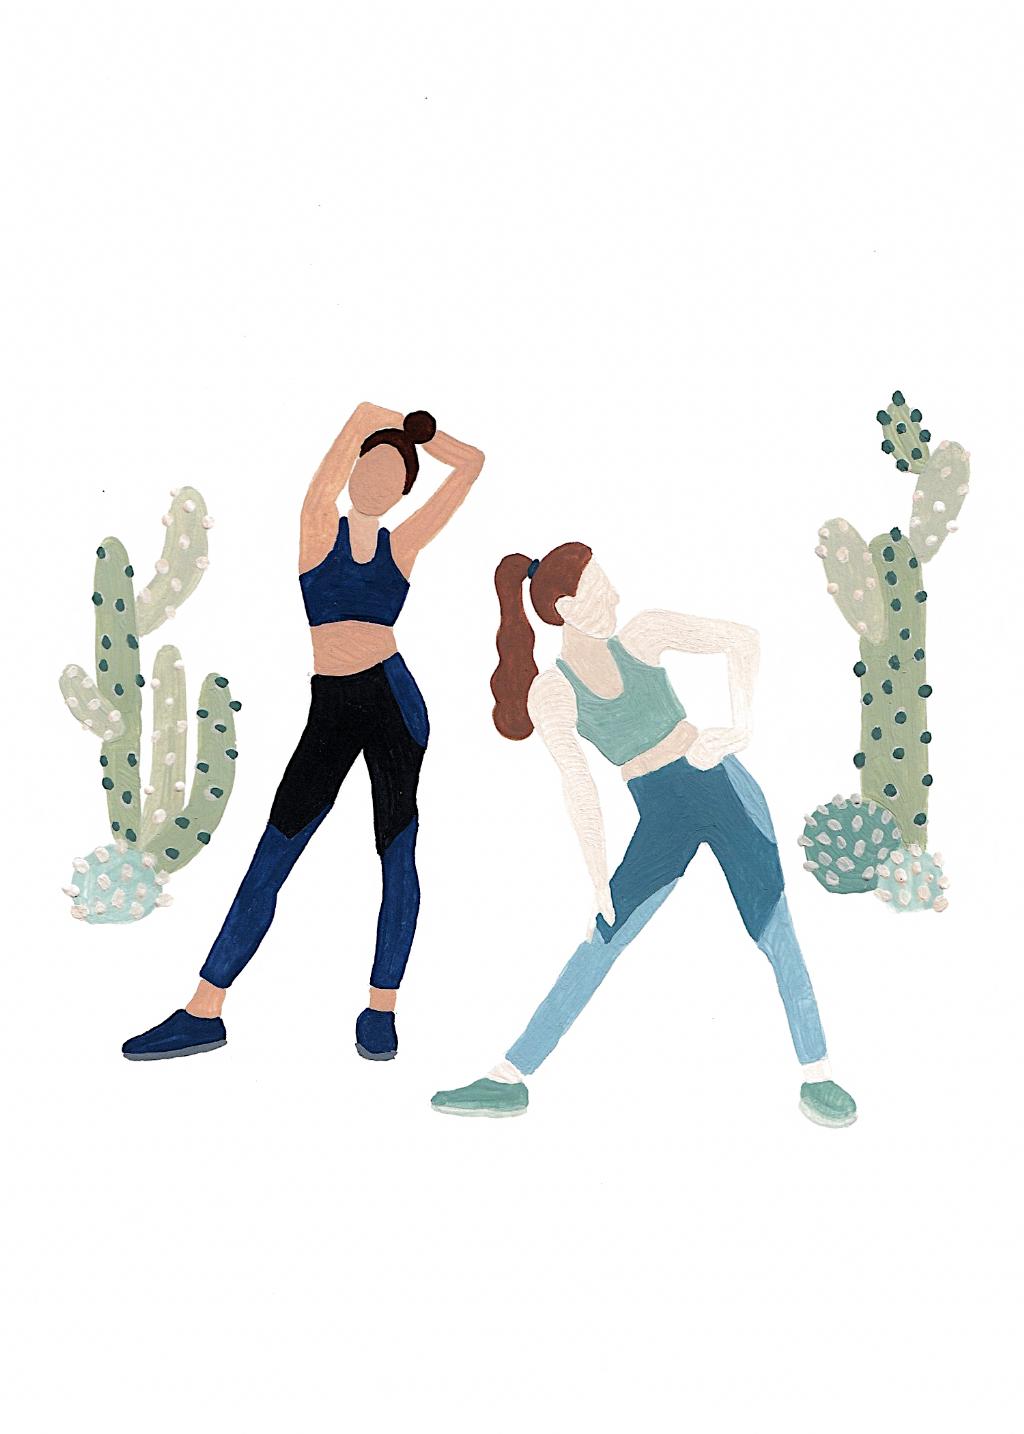 Pin De Clarissa Pina En Dieta Saludable En 2020 Dibujos Significativos Figuras Humanas Ilustraciones